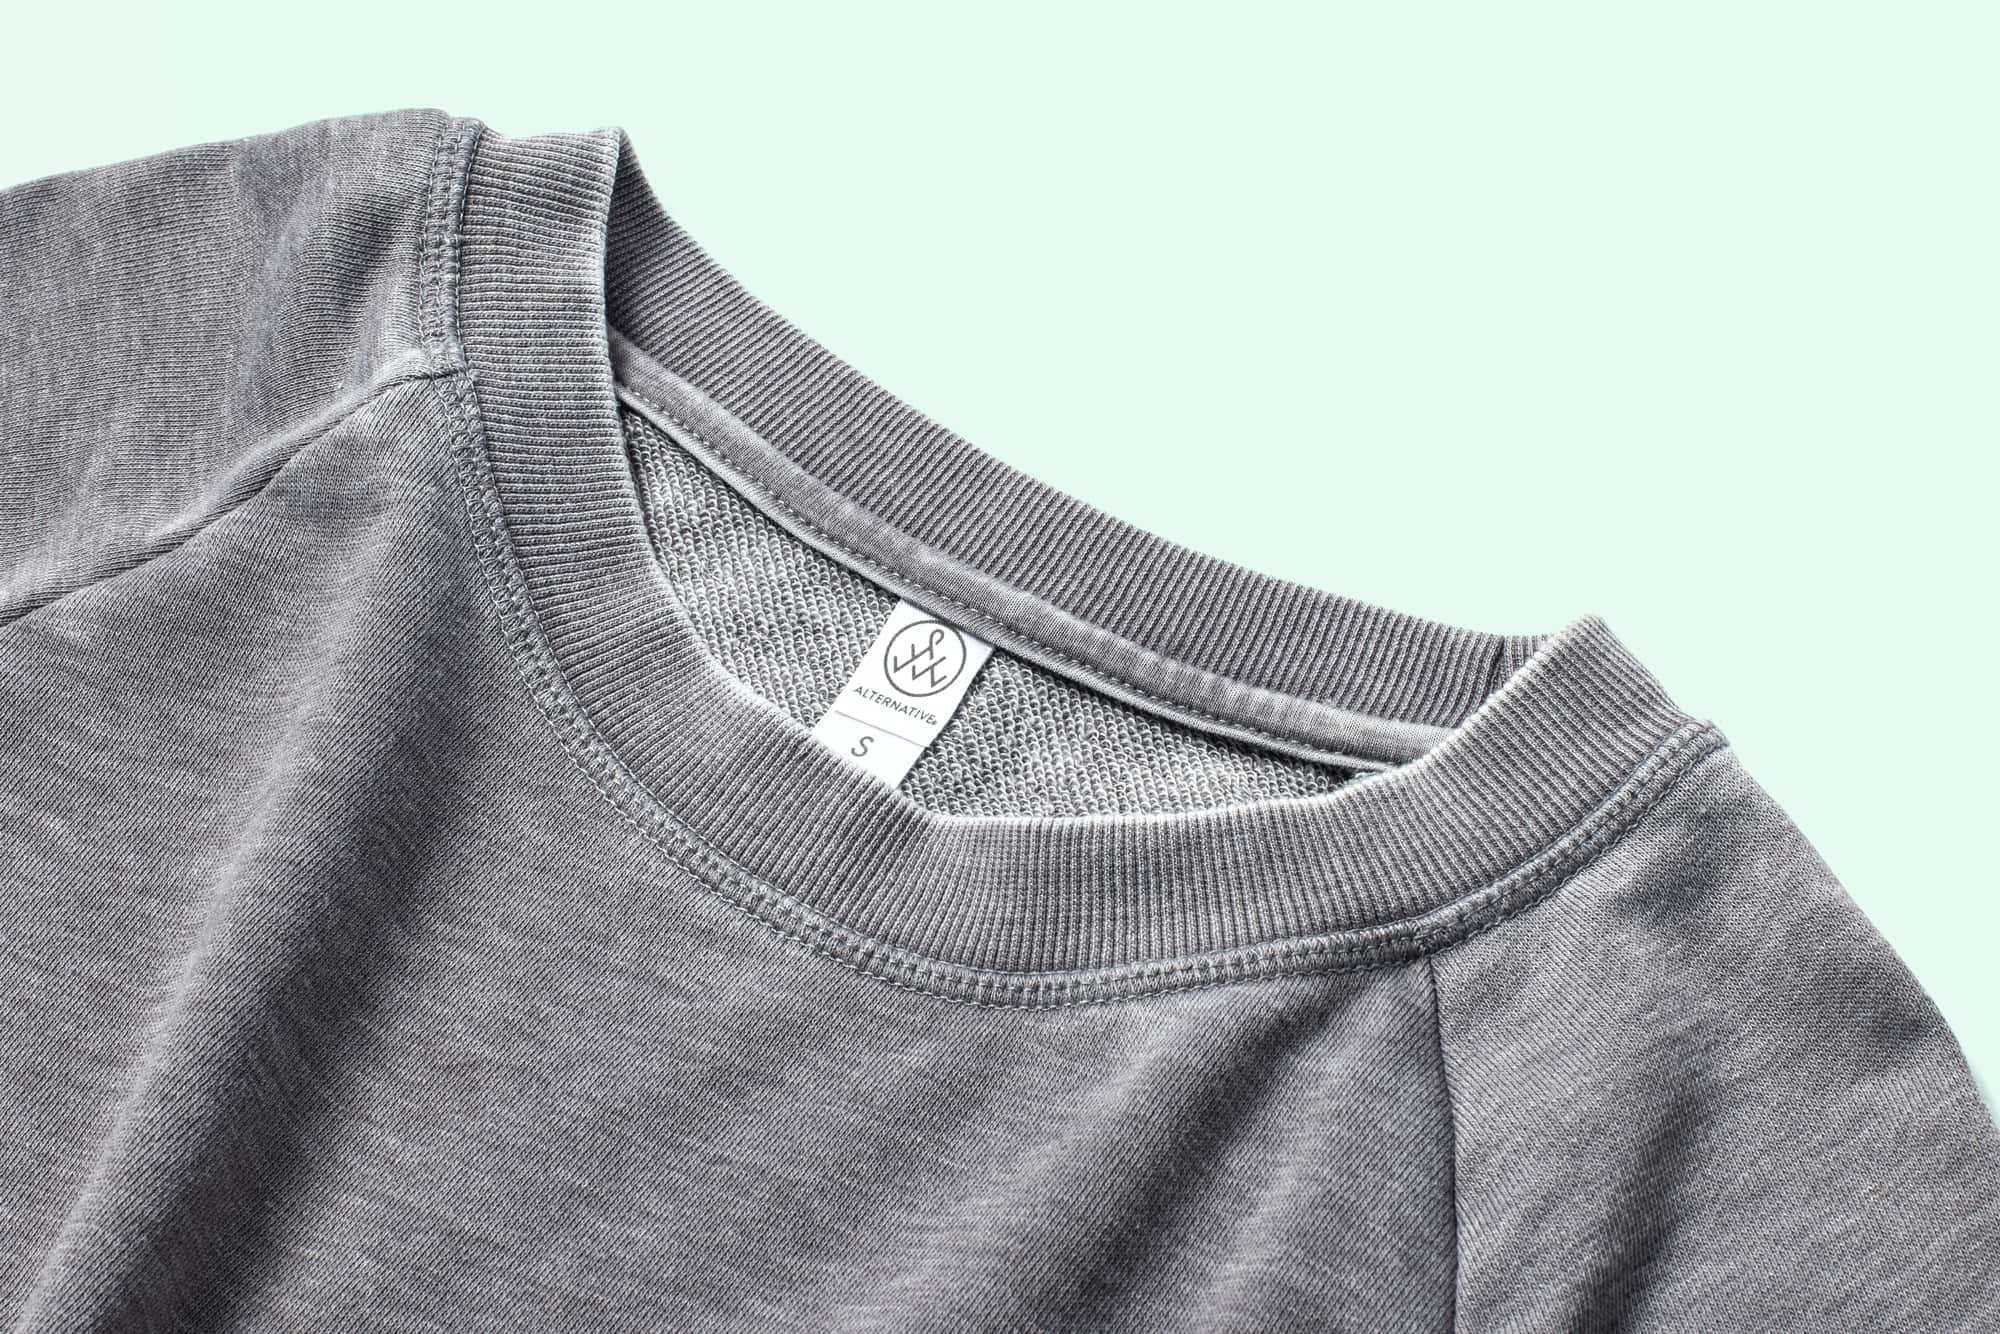 Close up of Ladies Burnout Sweatshirt